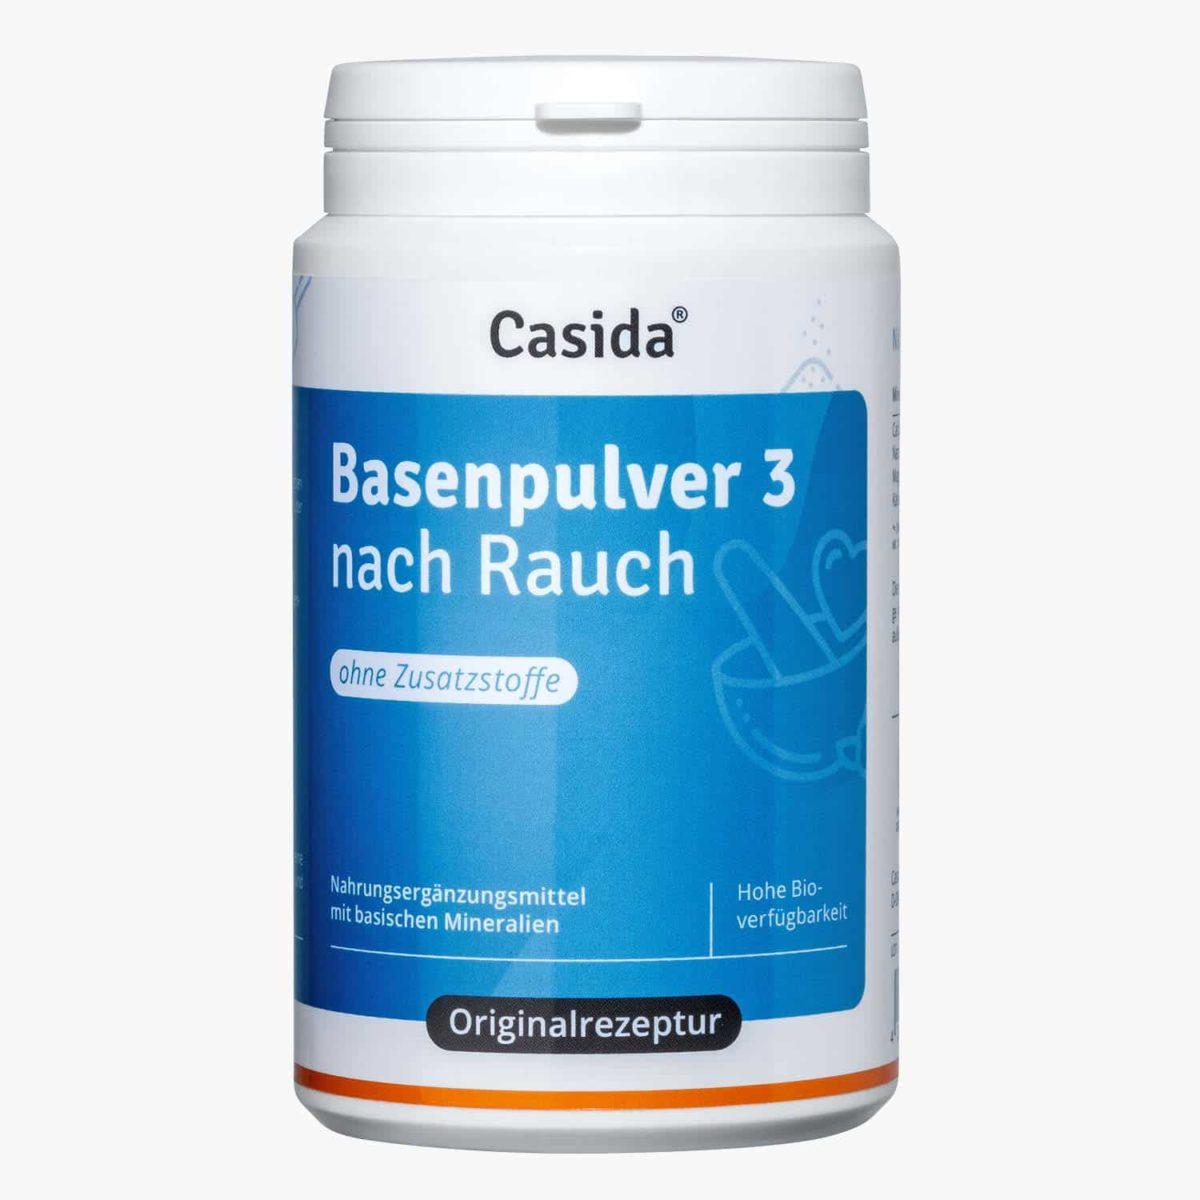 Casida alkaline powder 3 nach Rauch – 200 g 11058942 PZN Apotheke basisch Säure Basen Kur